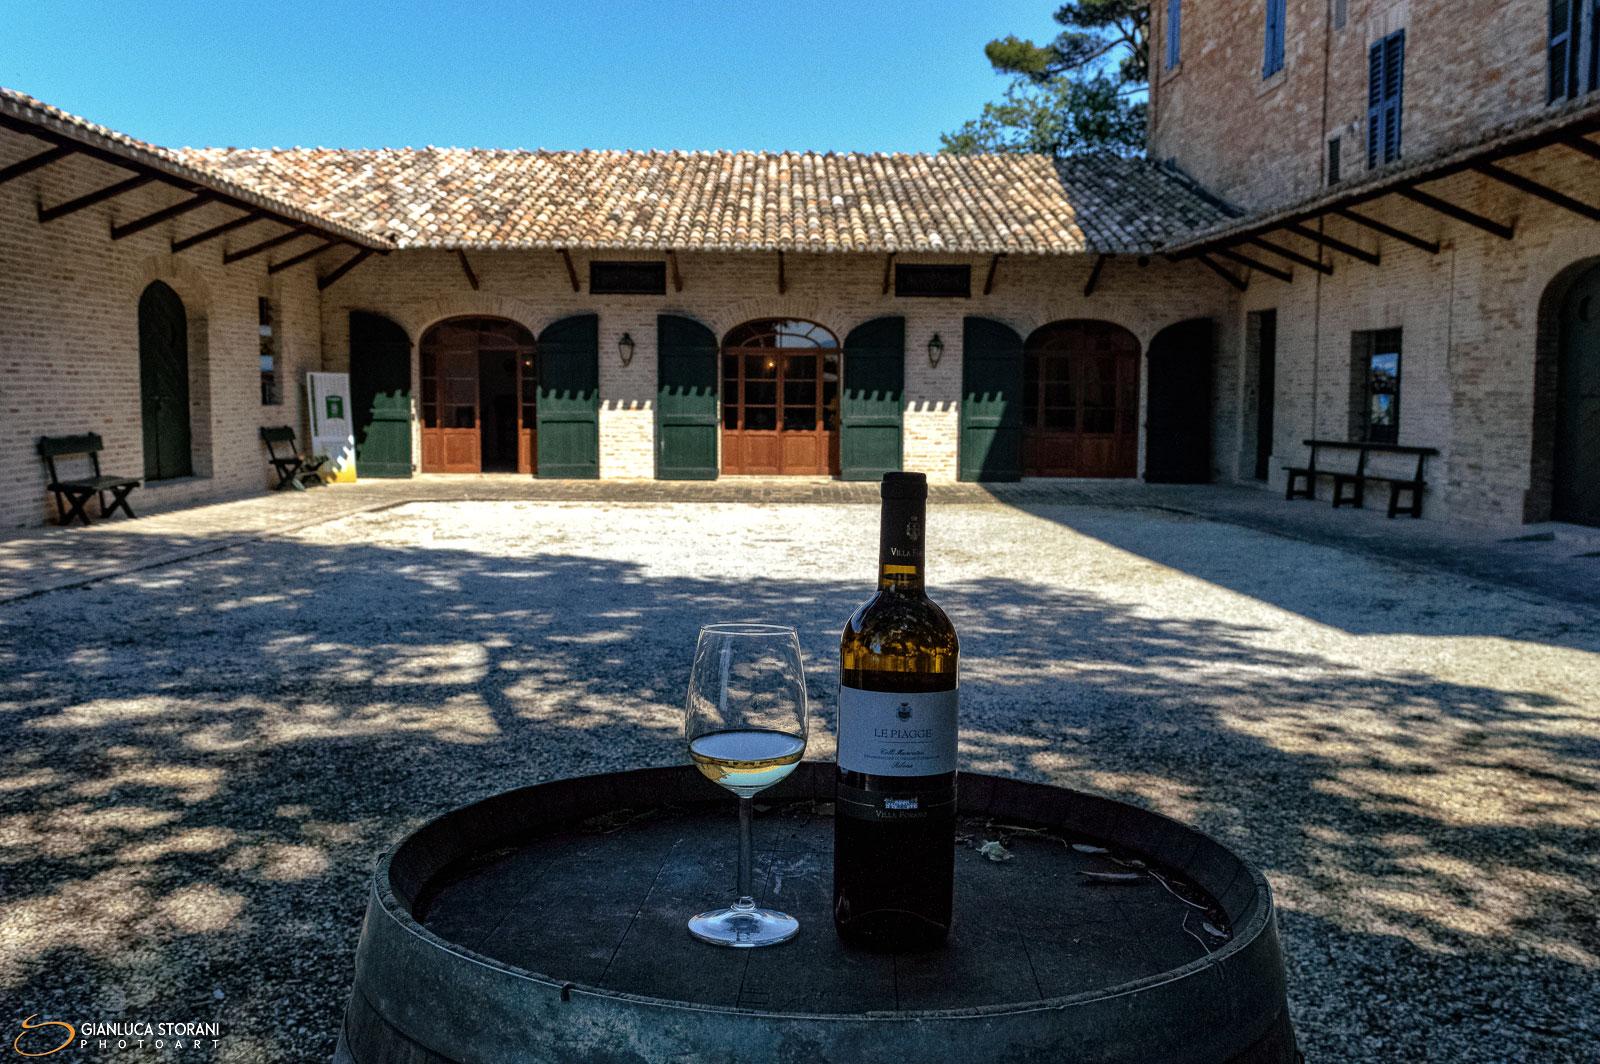 Esposizione fotografica a Villa Forano (ID 3-7958)